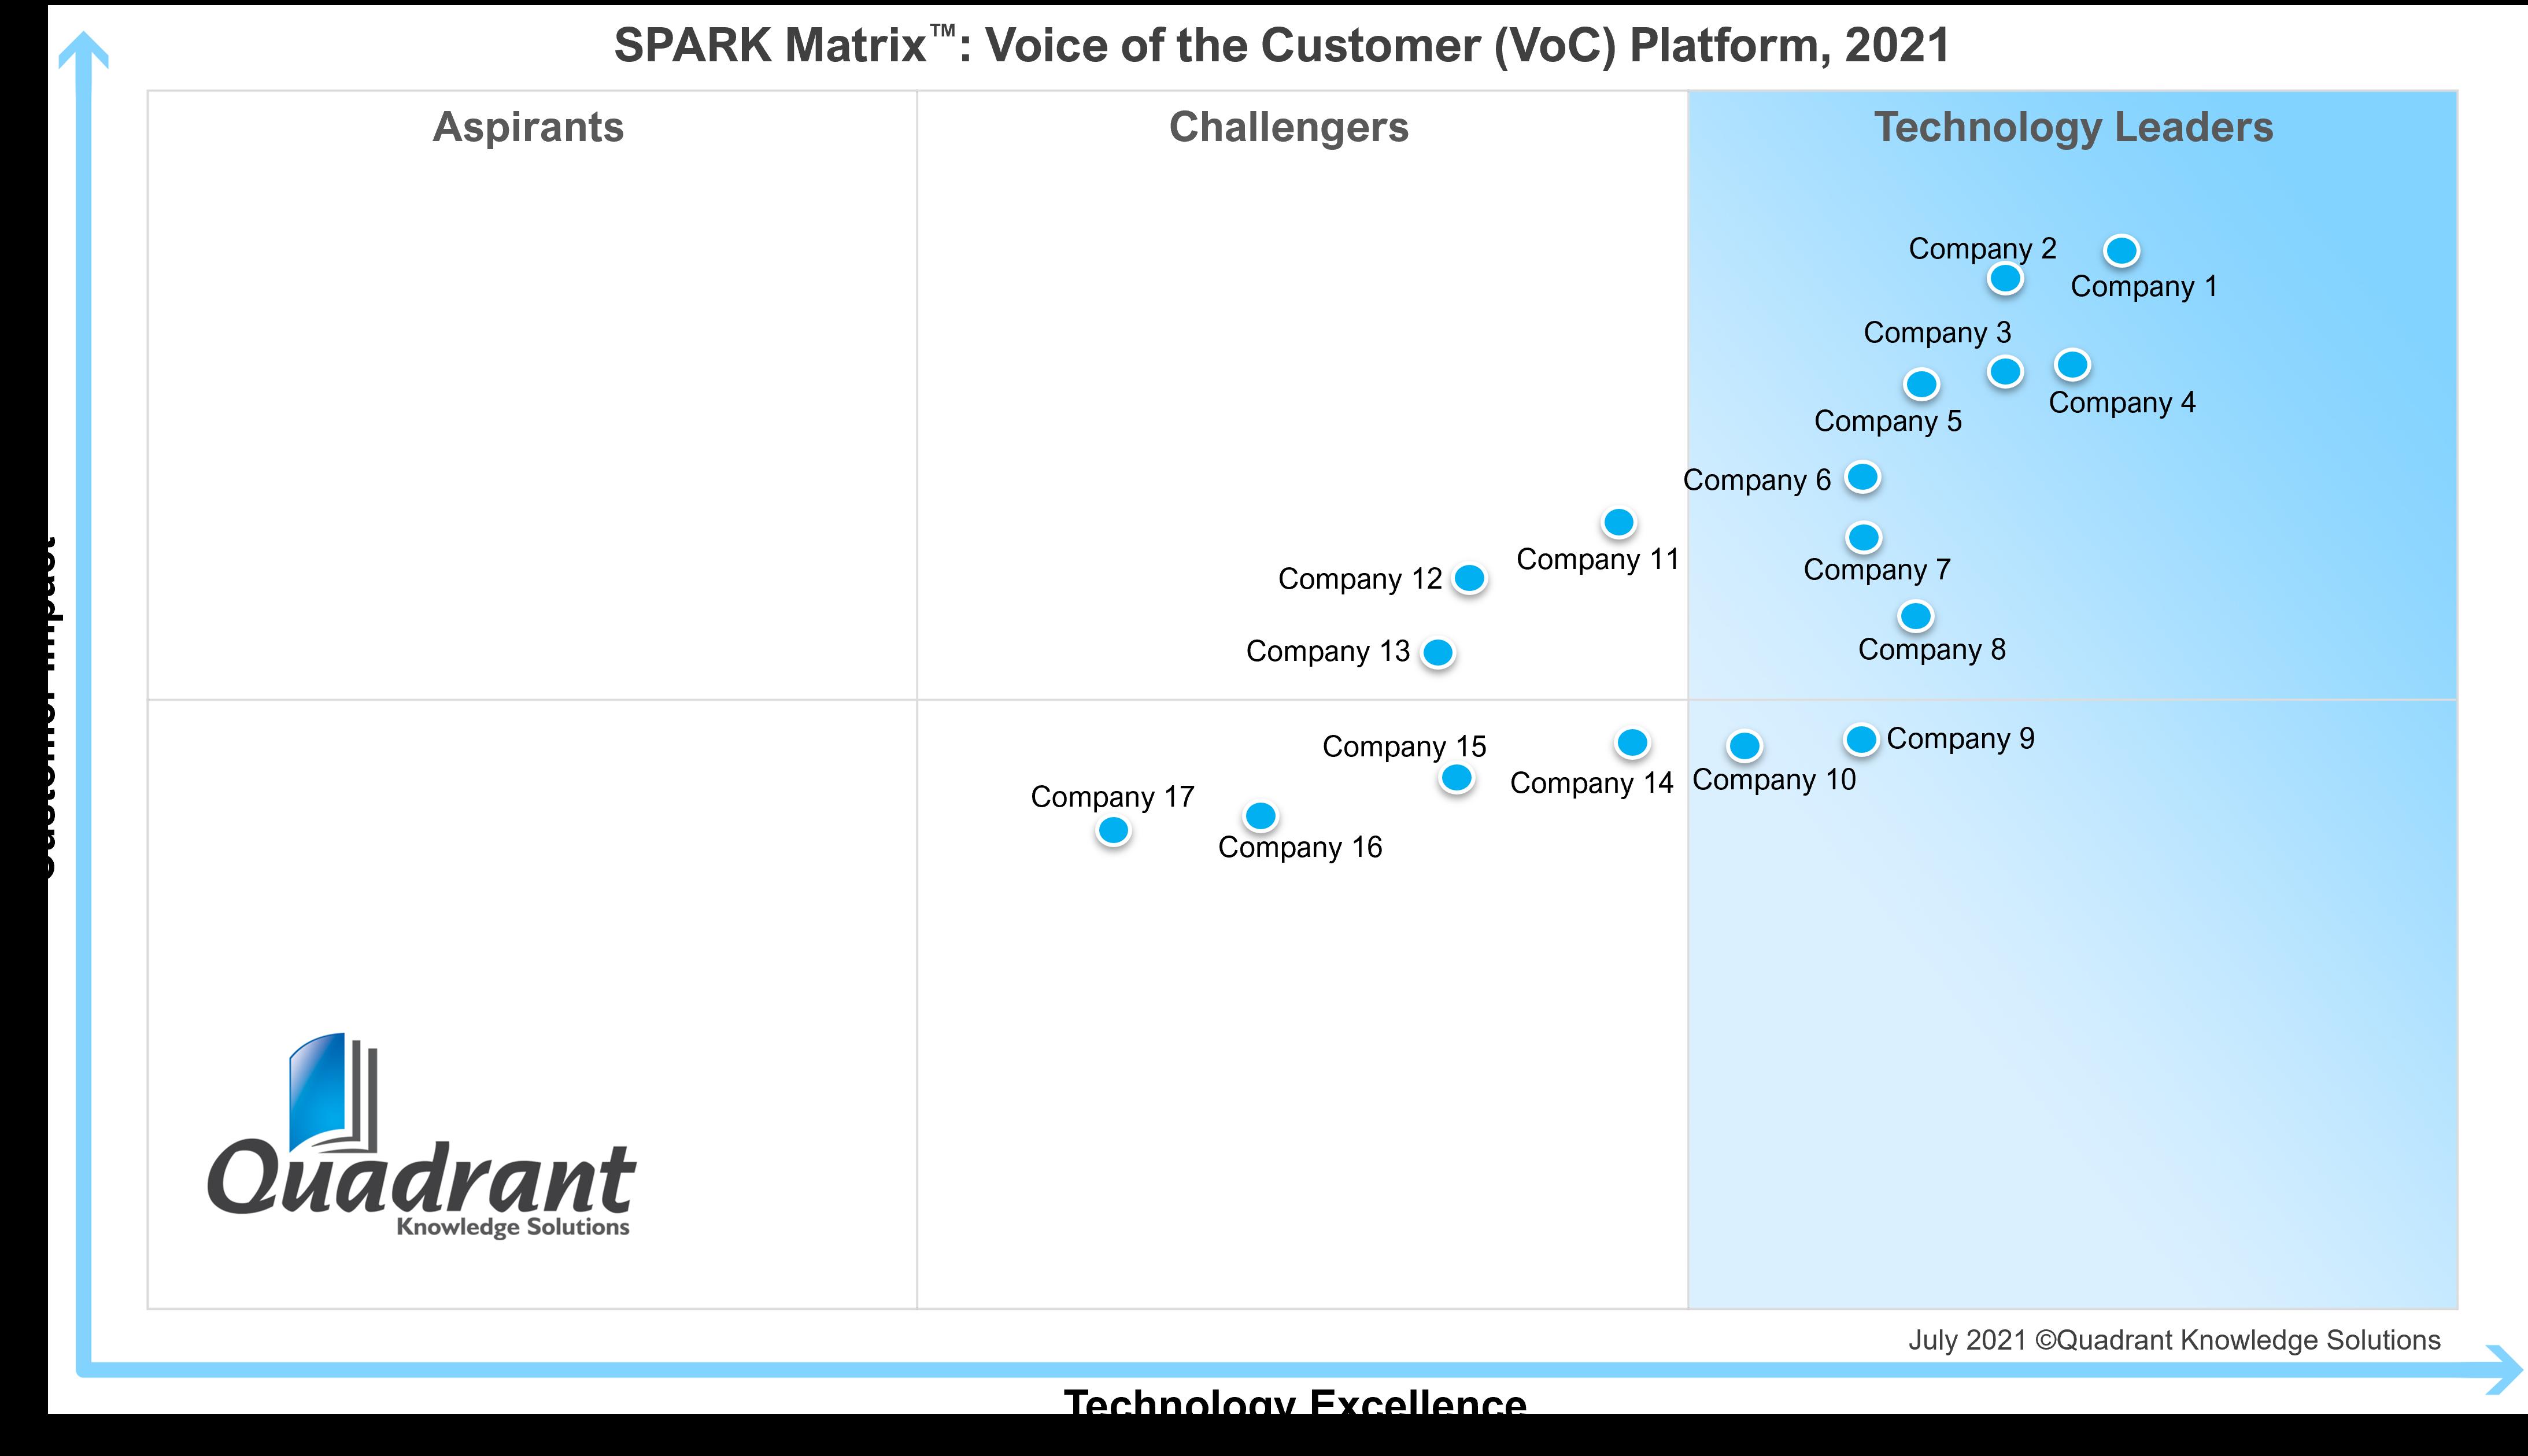 VoC_SPARK Martix_Webpage Image